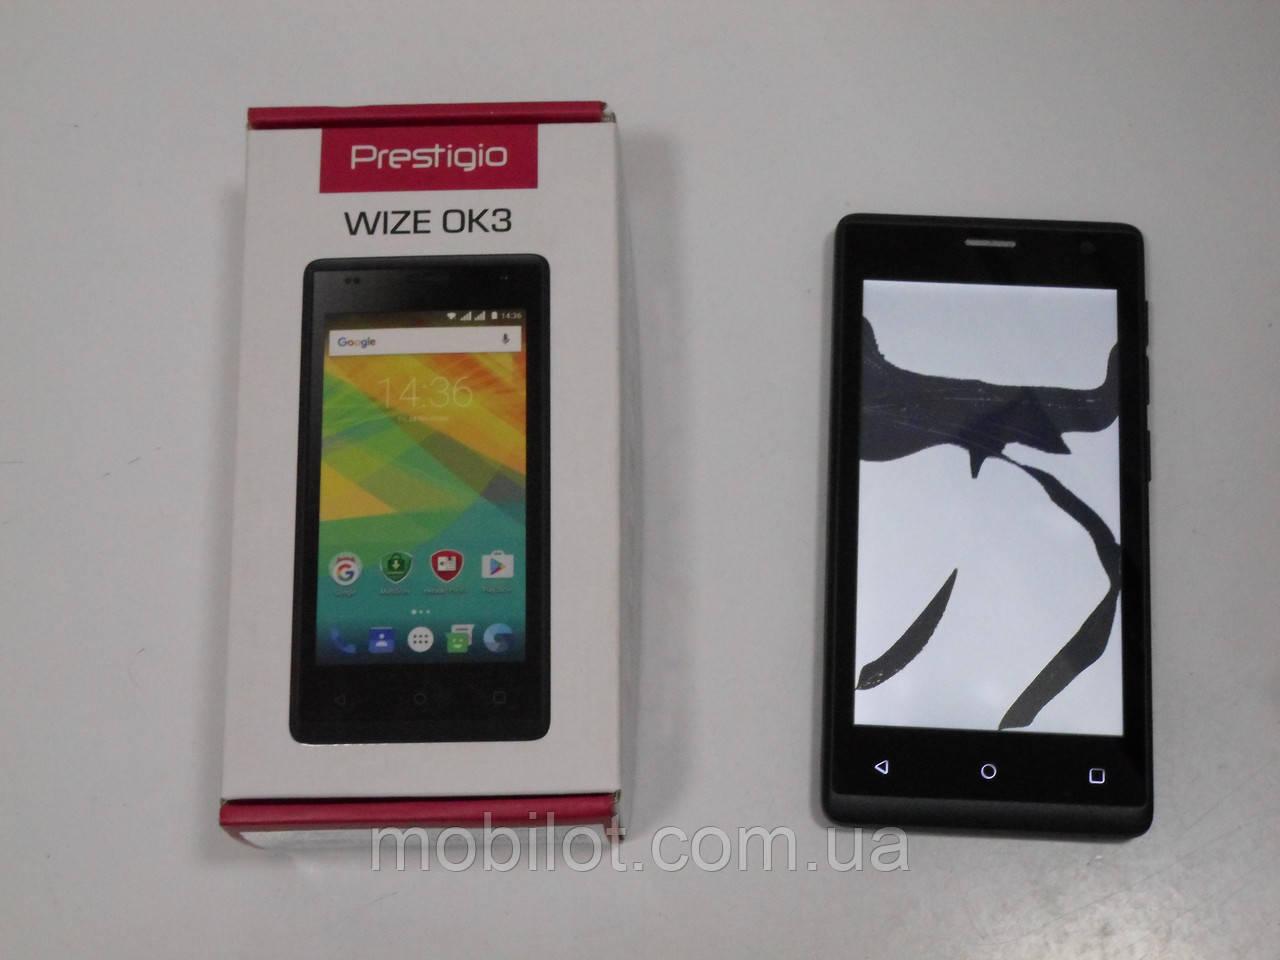 Мобильный телефон Prestigio Wize OK3 PSP3468 (TZ-7473)